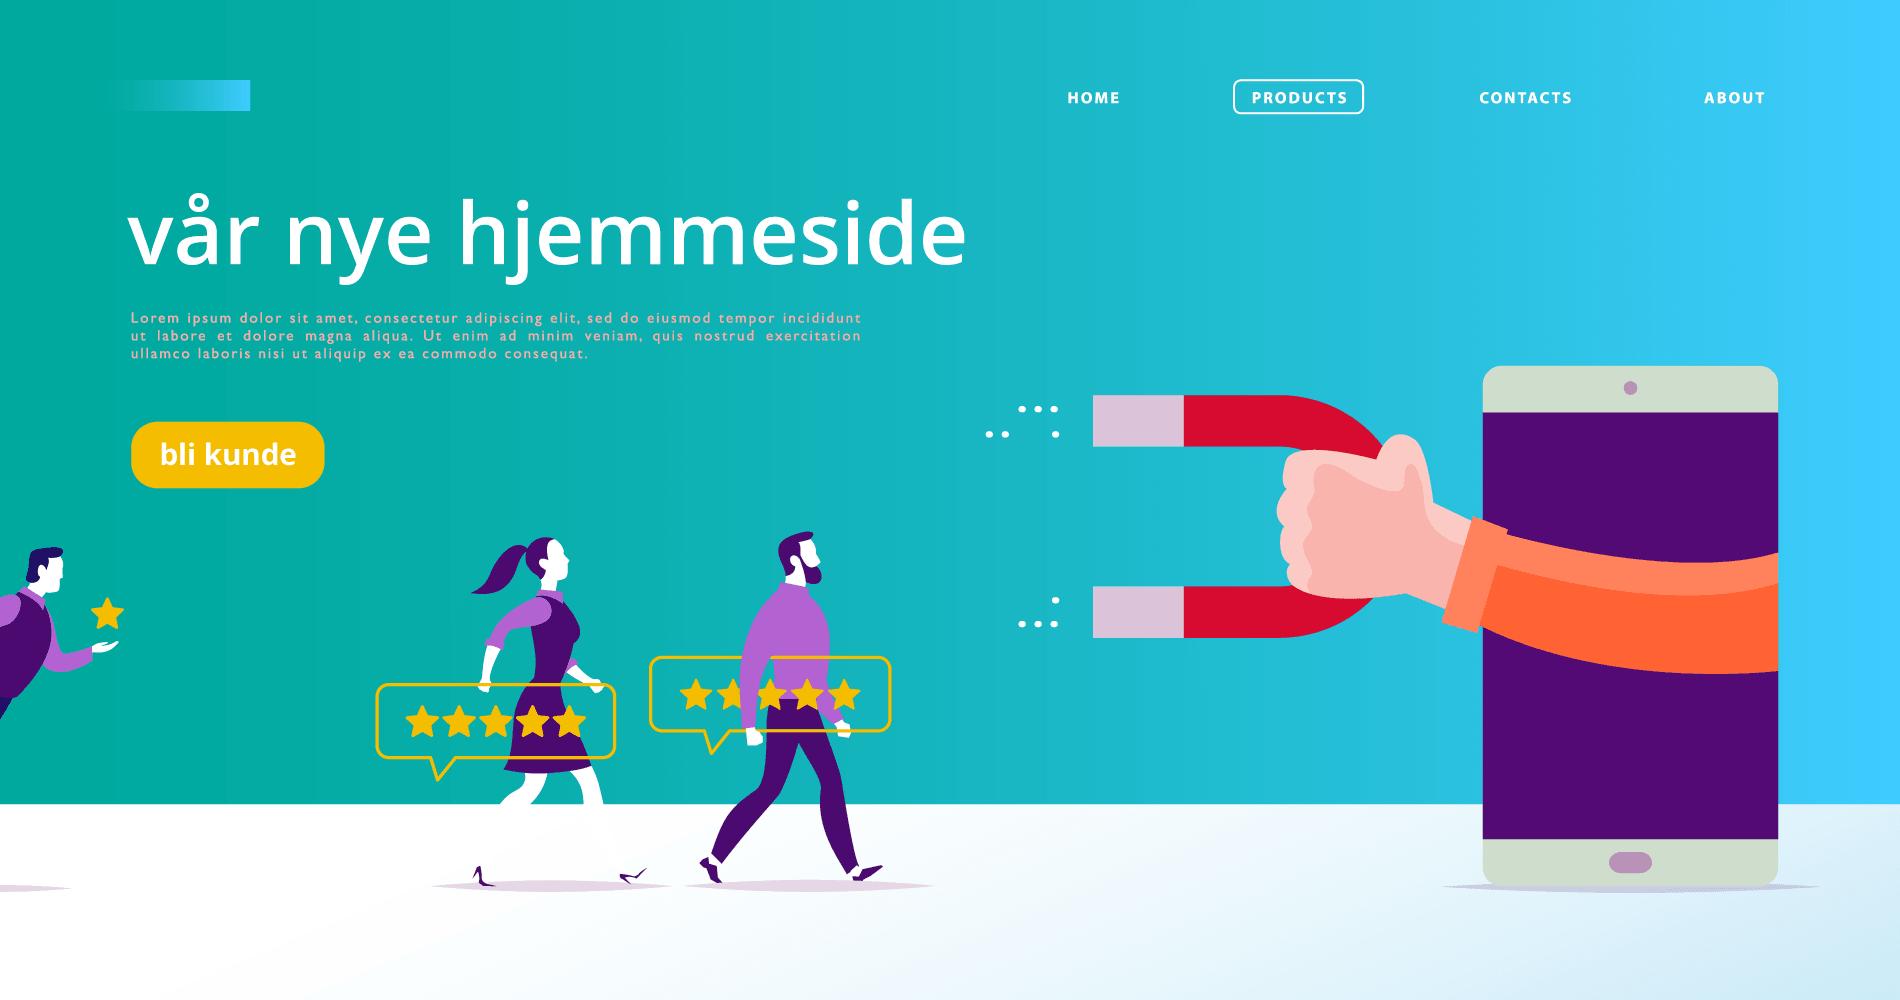 Ny hjemmeside illustrasjon